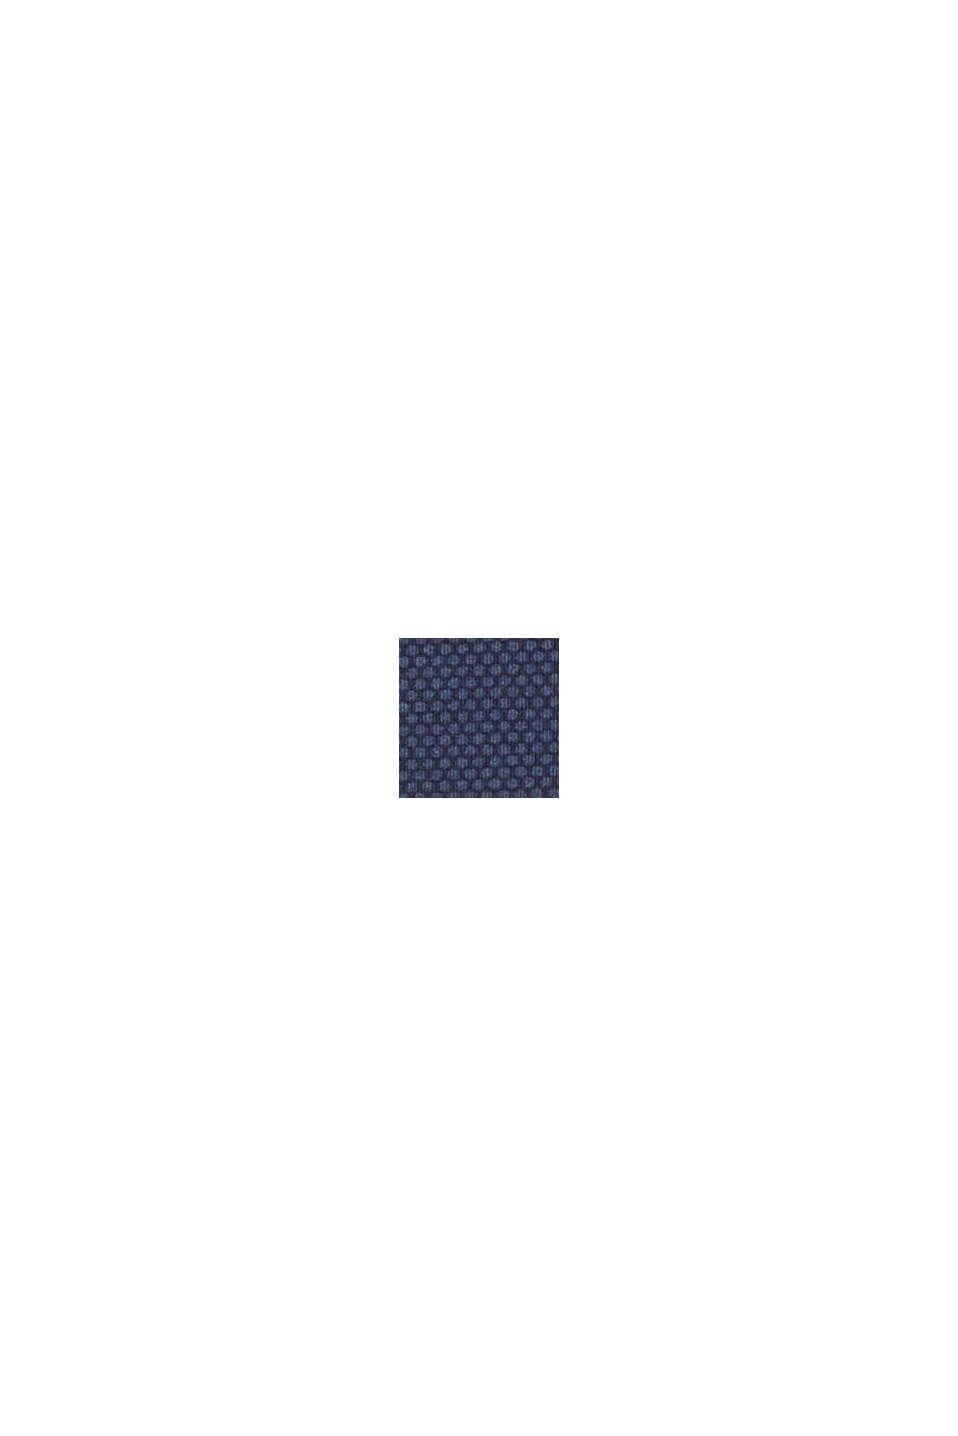 Maillot une pièce rembourré à rayures, DARK BLUE, swatch